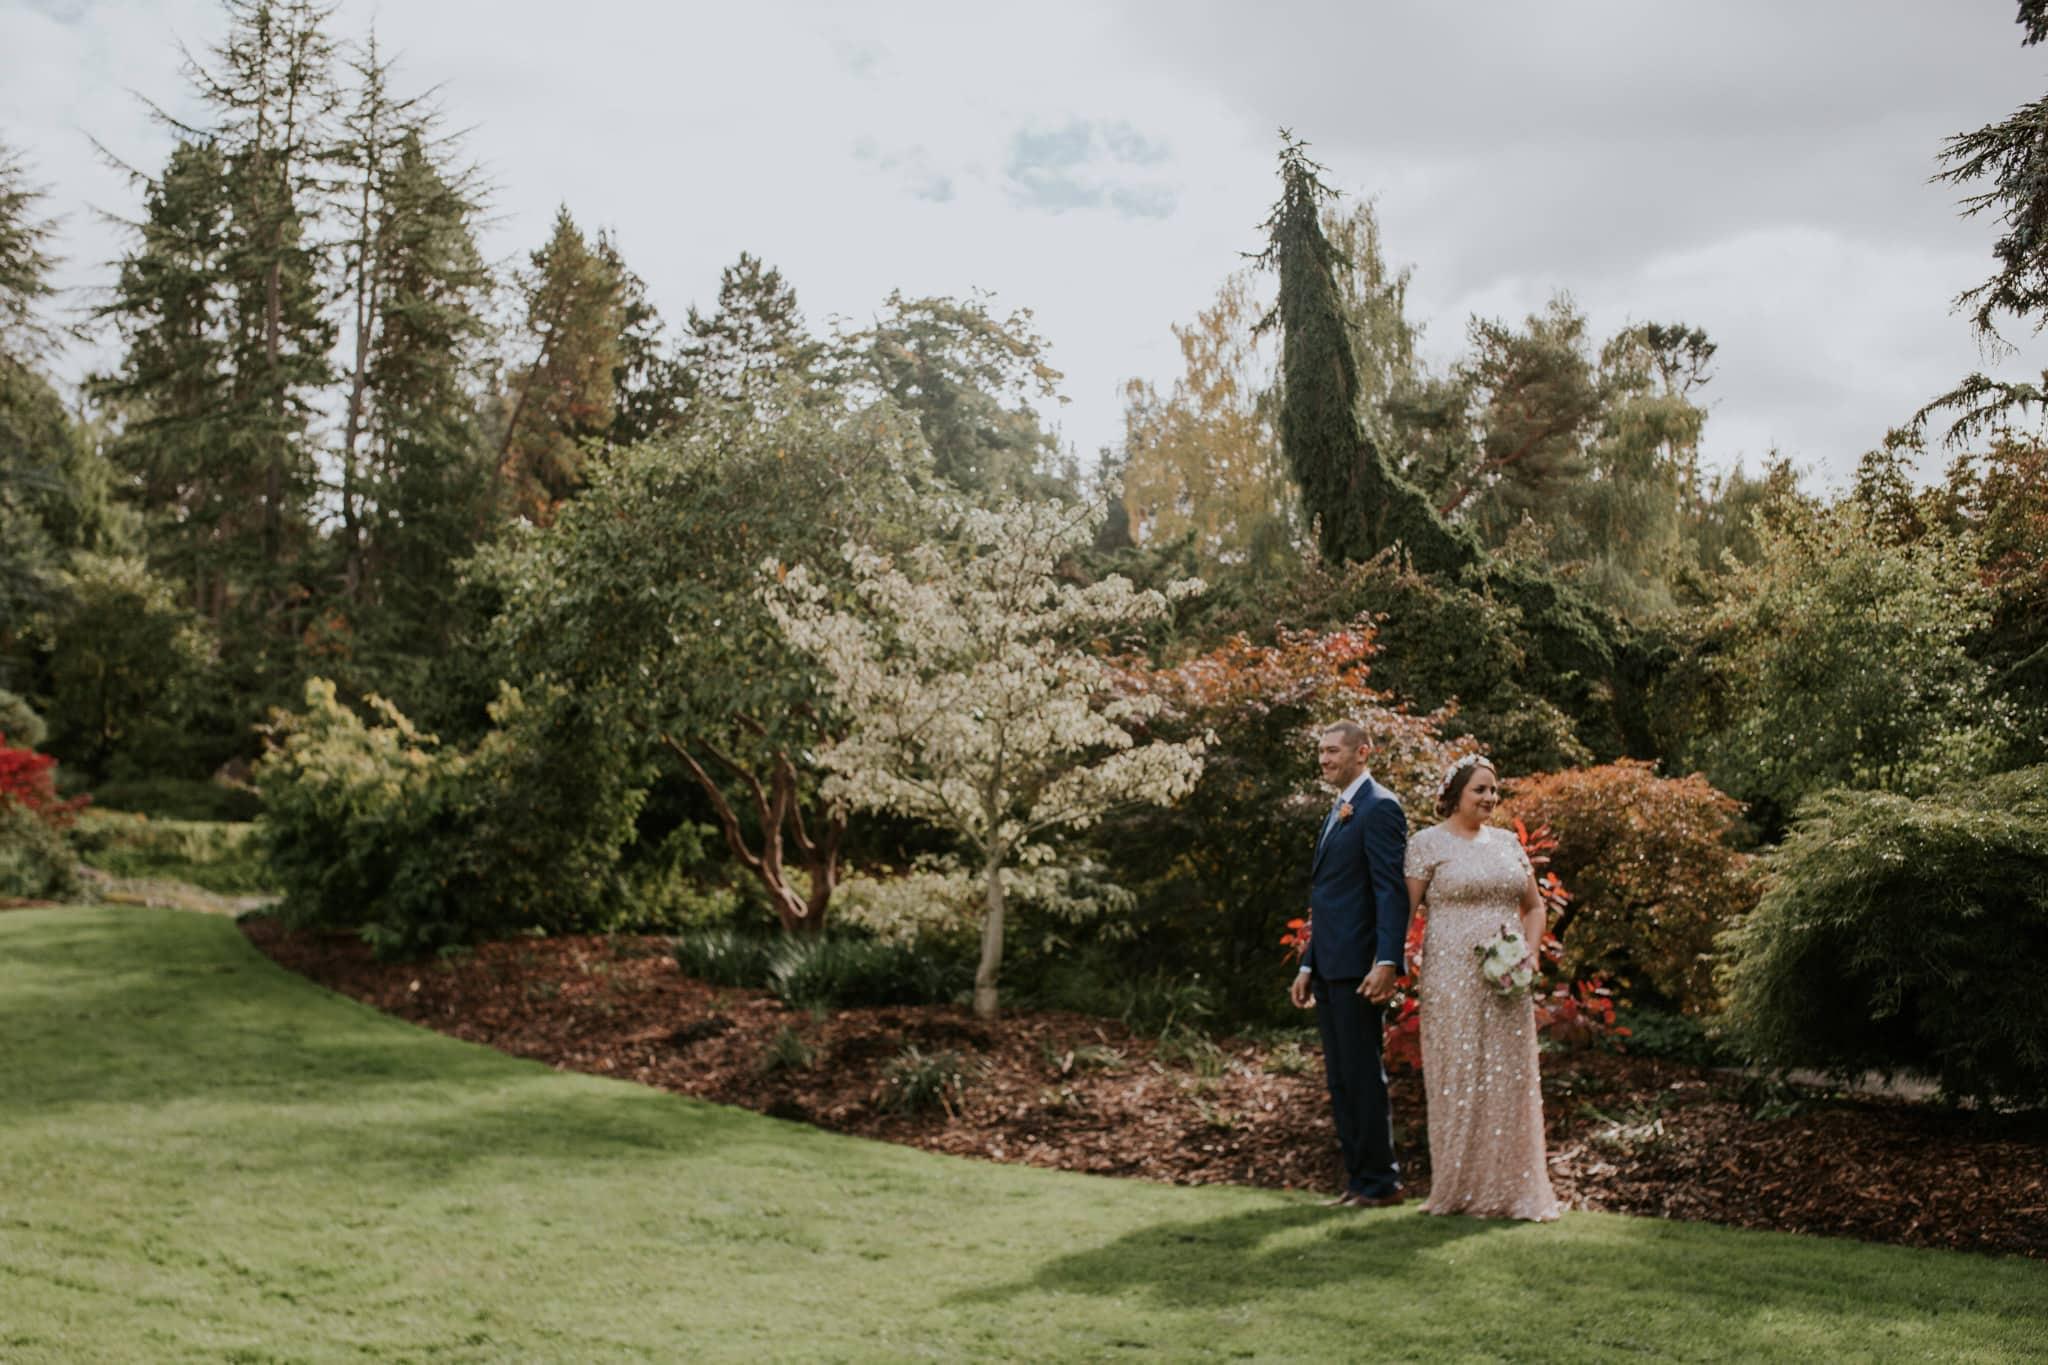 Kubota Garden Wedding | Kelly & Cameron | Marcela Pulido Photography